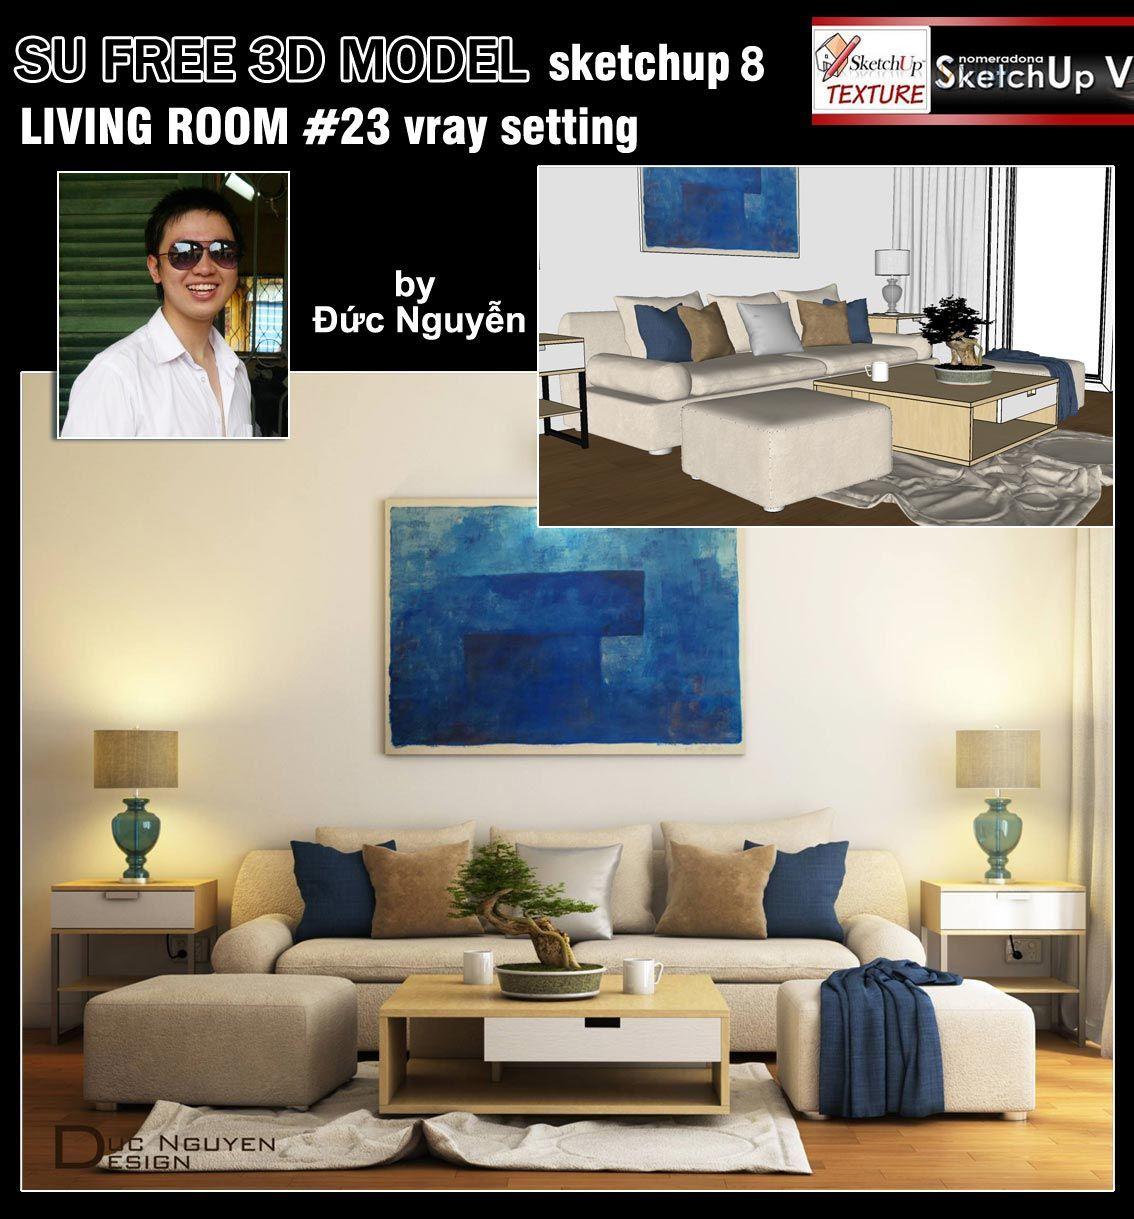 SKETCHUP TEXTURE: Free sketchup 3d model moderne living room #23 ...